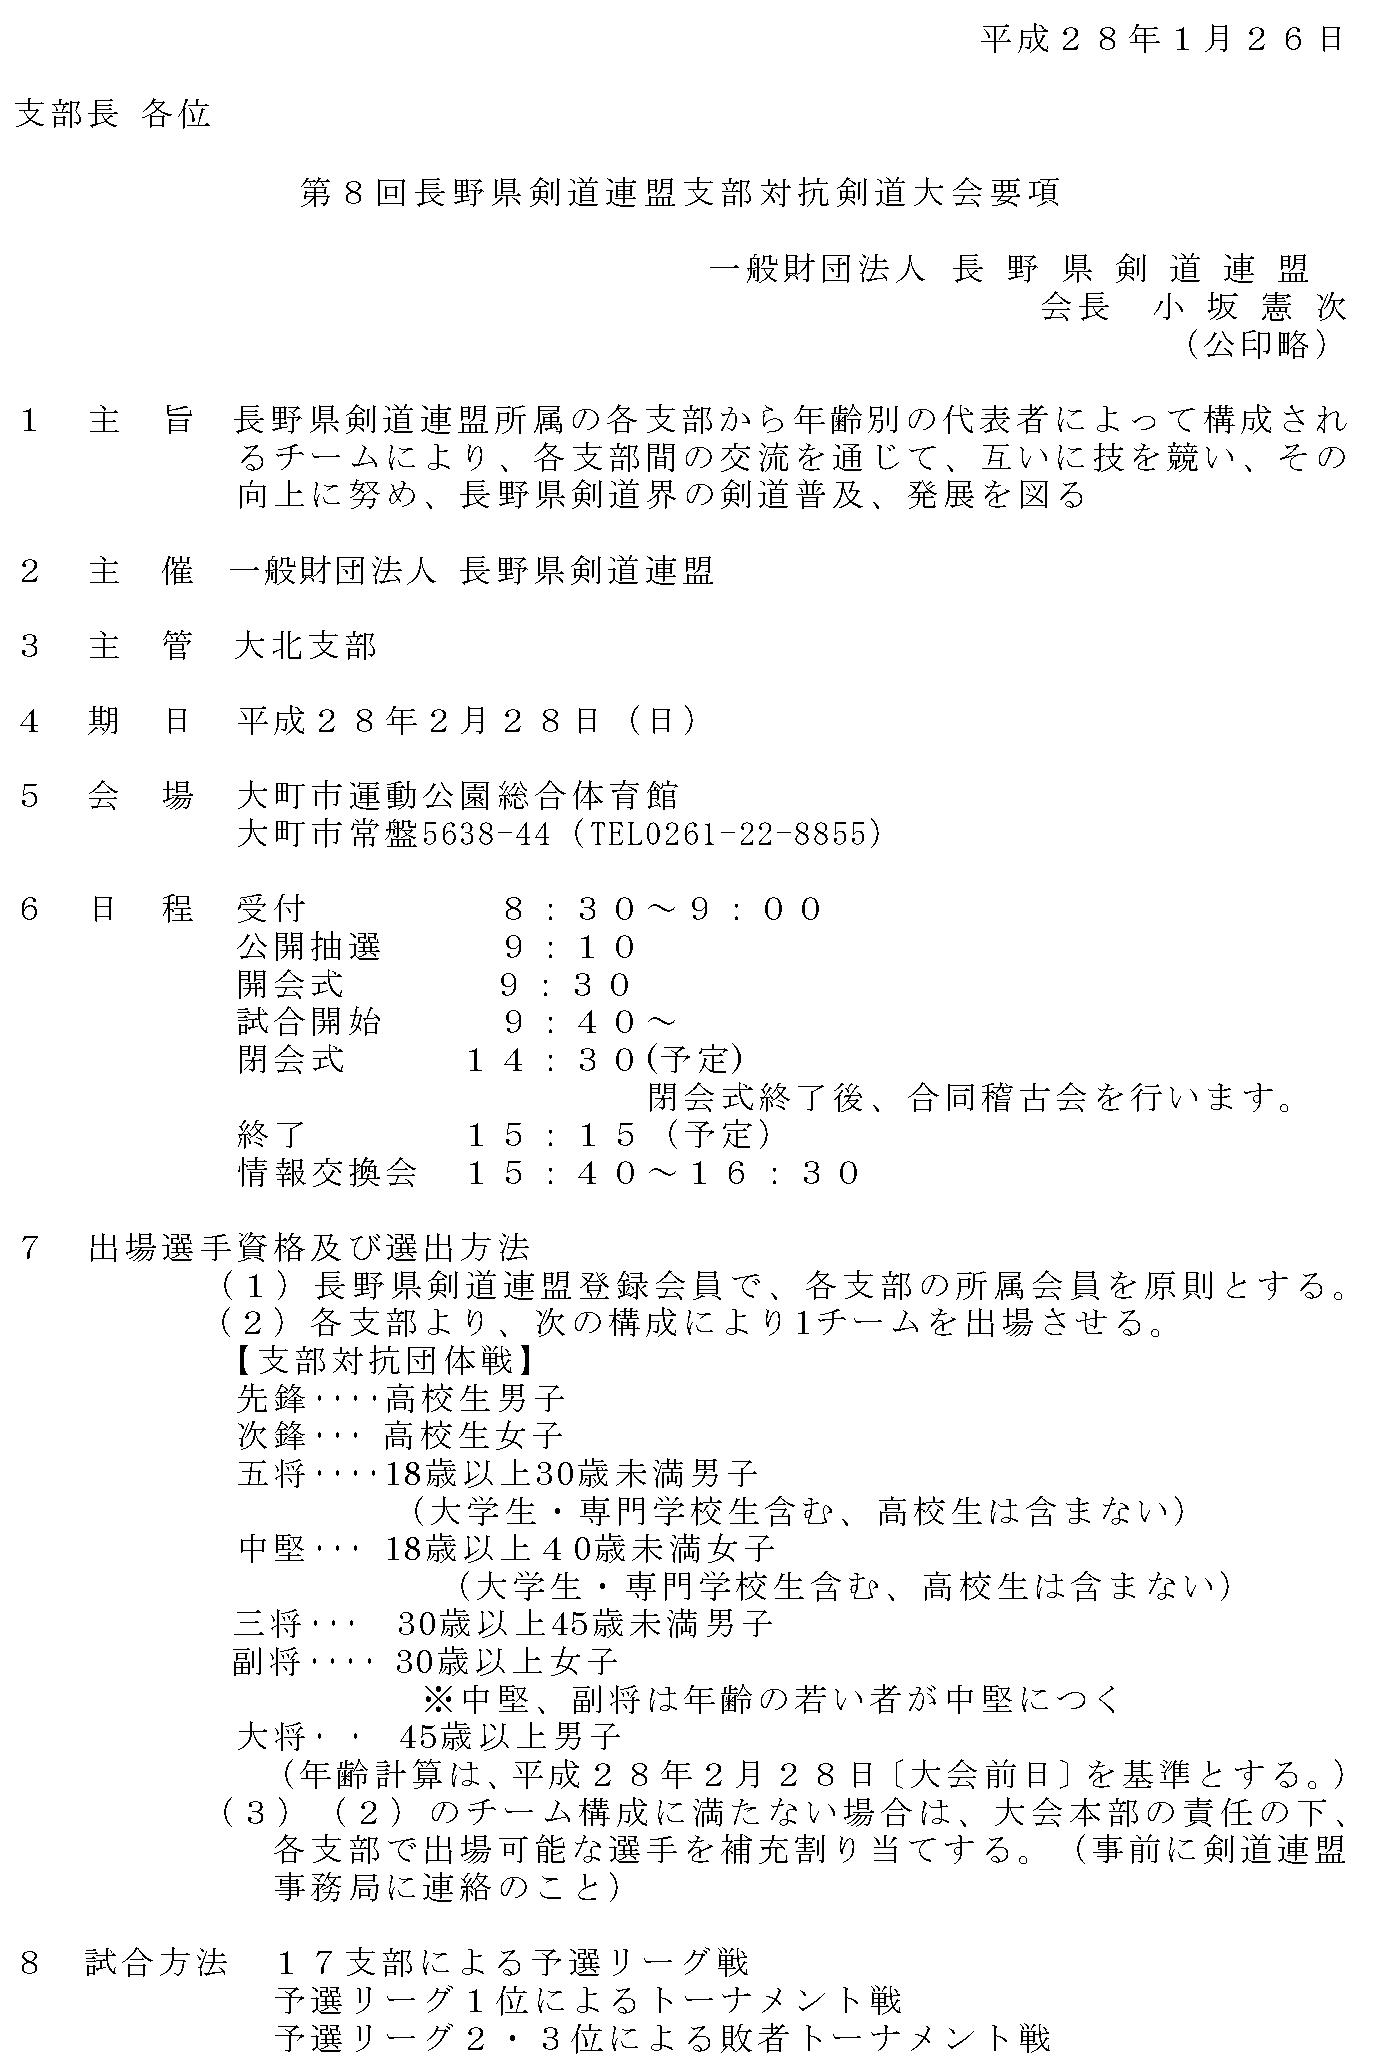 160228_youkou_01